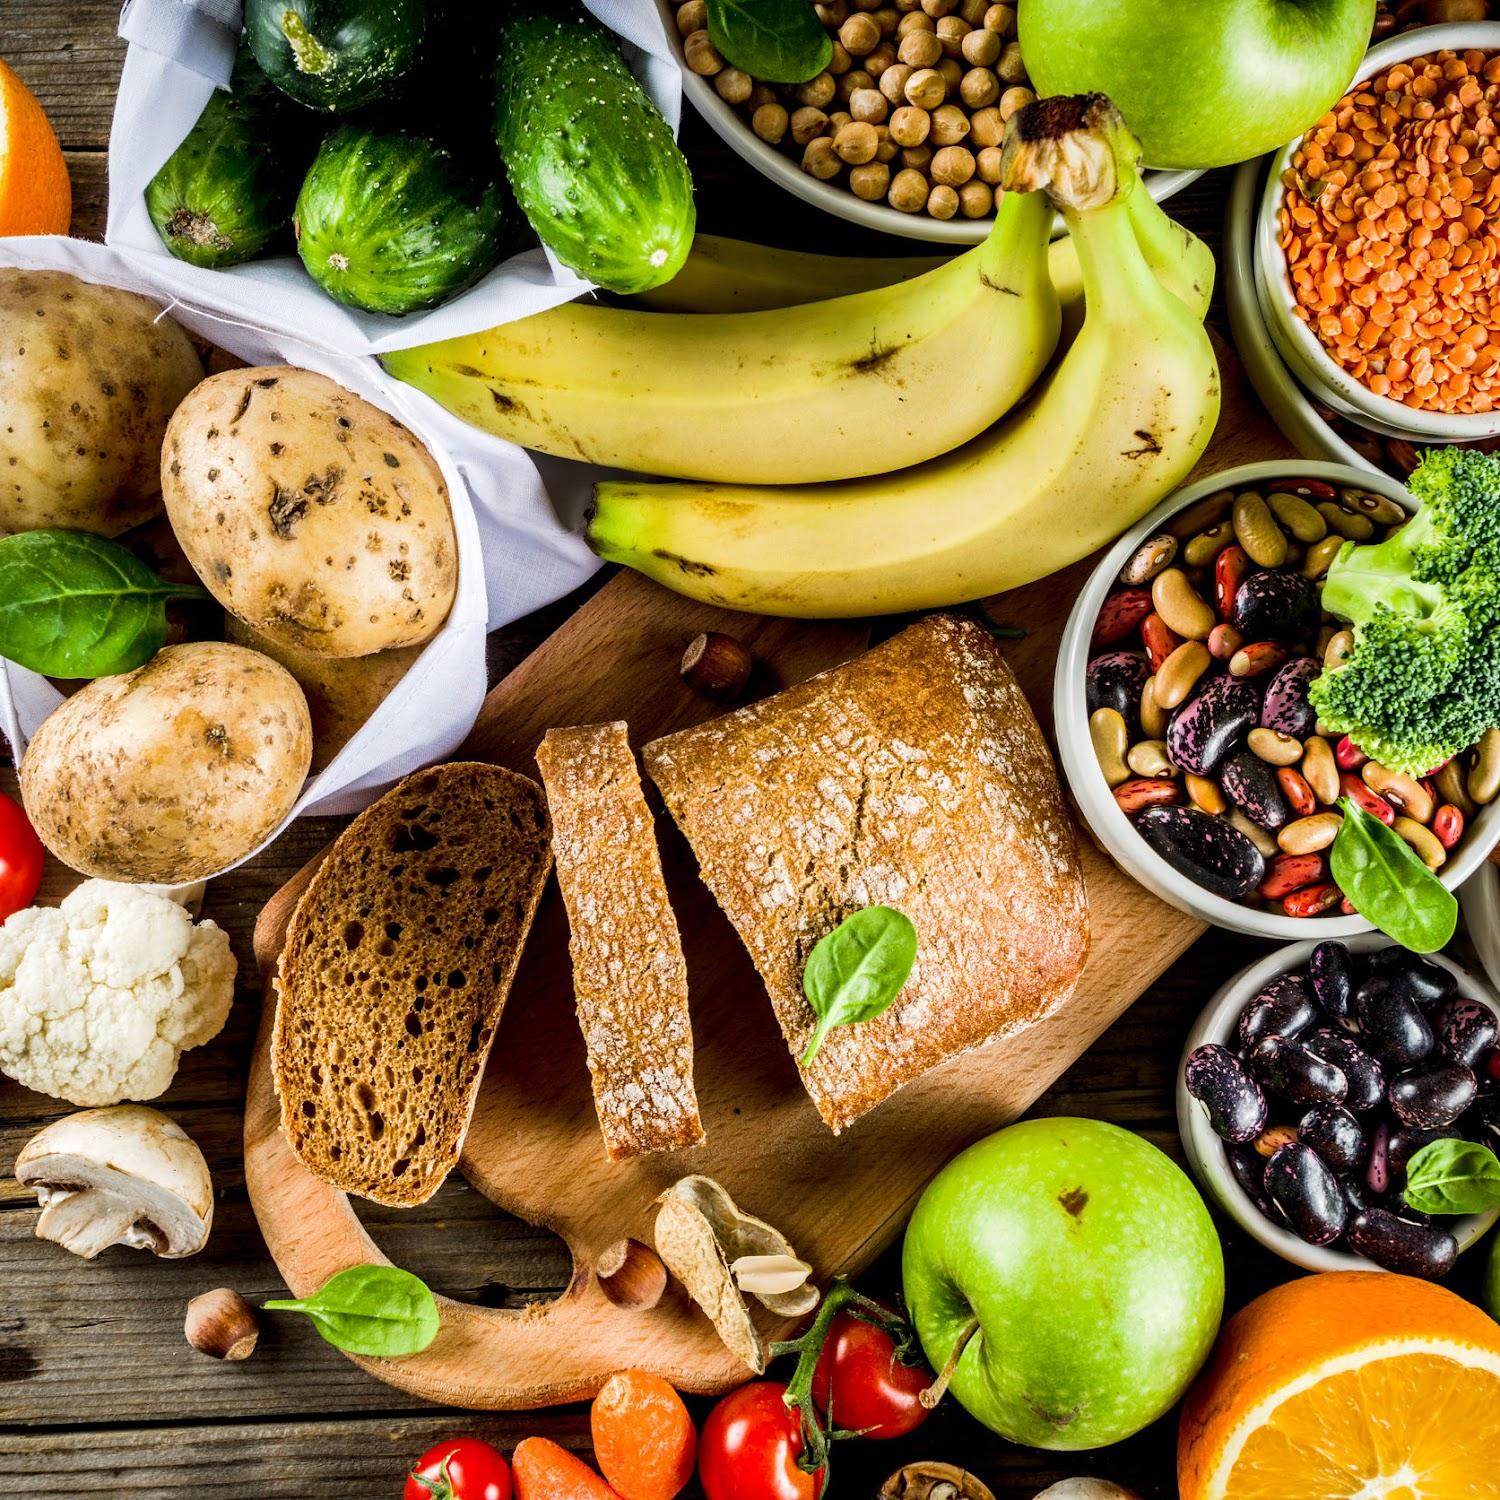 foods of vegan diet